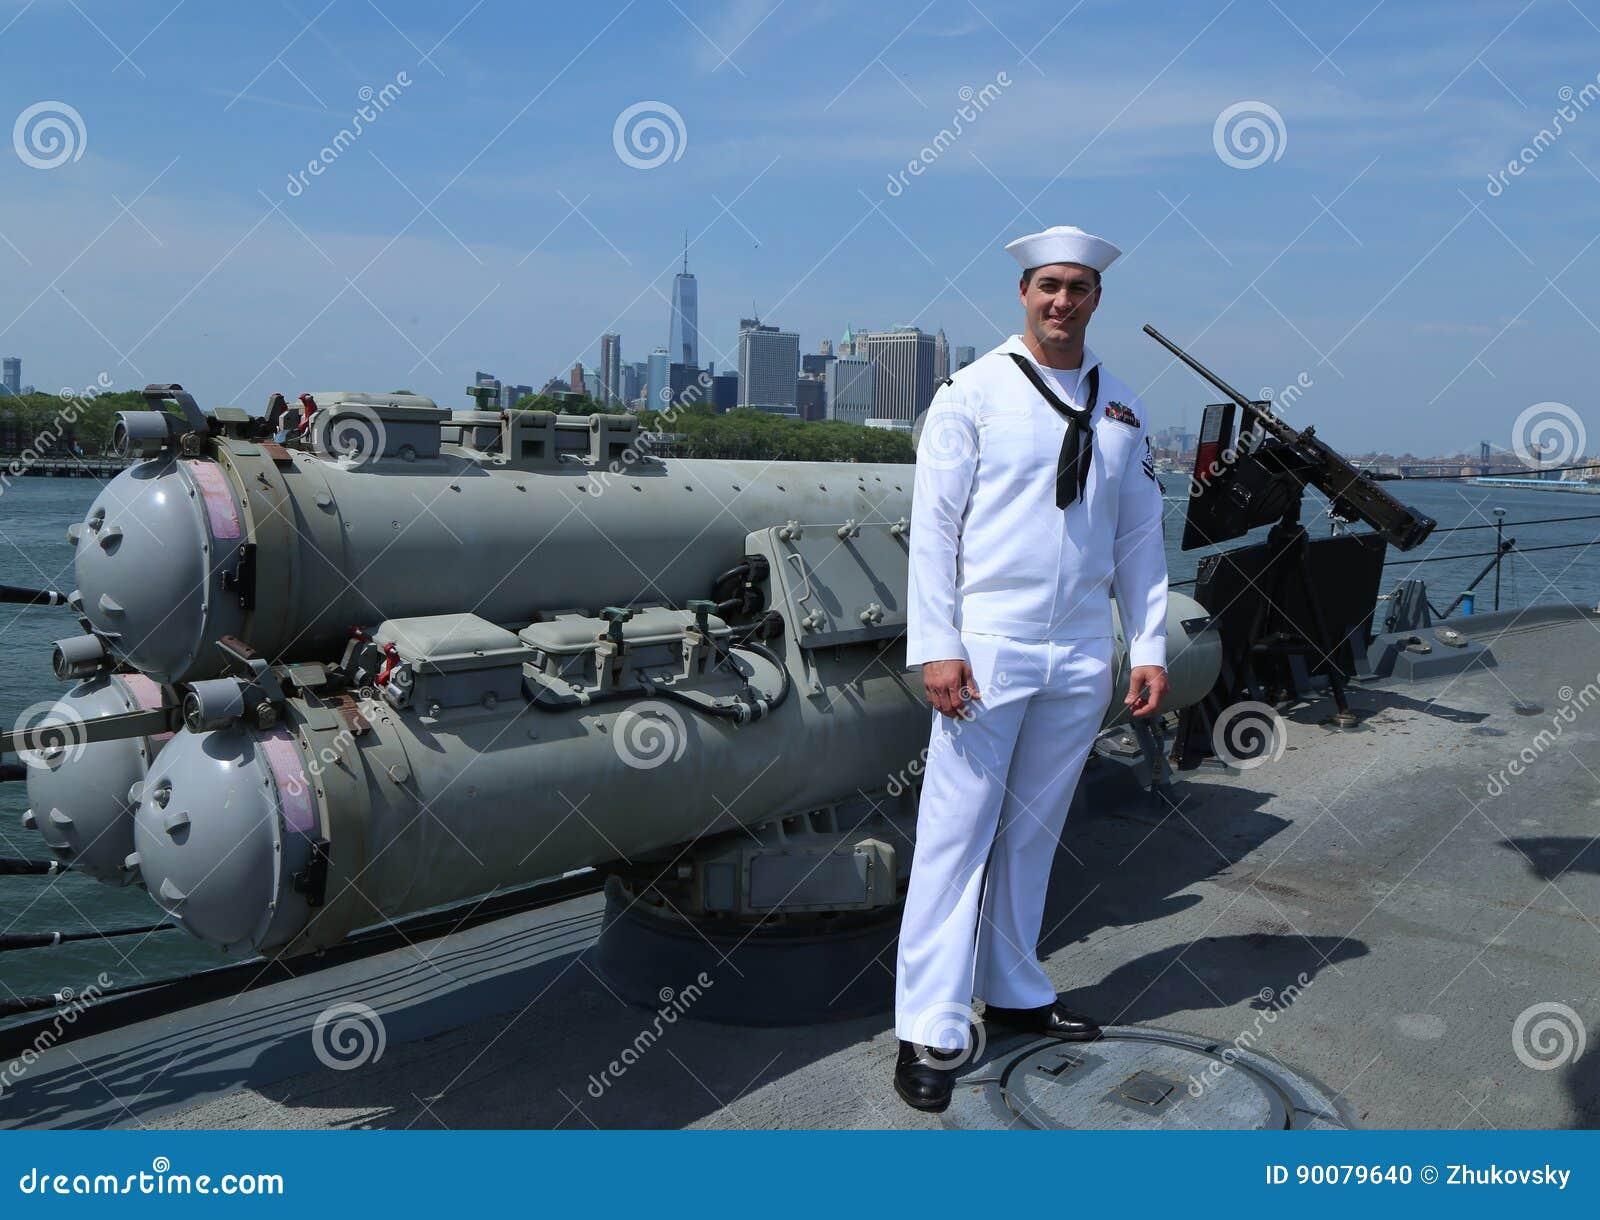 Μη αναγνωρισμένος ναυτικός στη γέφυρα του καταστροφέα USS Bainbridge αμερικανικών κατευθυνόμενων βλημάτων κατά τη διάρκεια της εβ